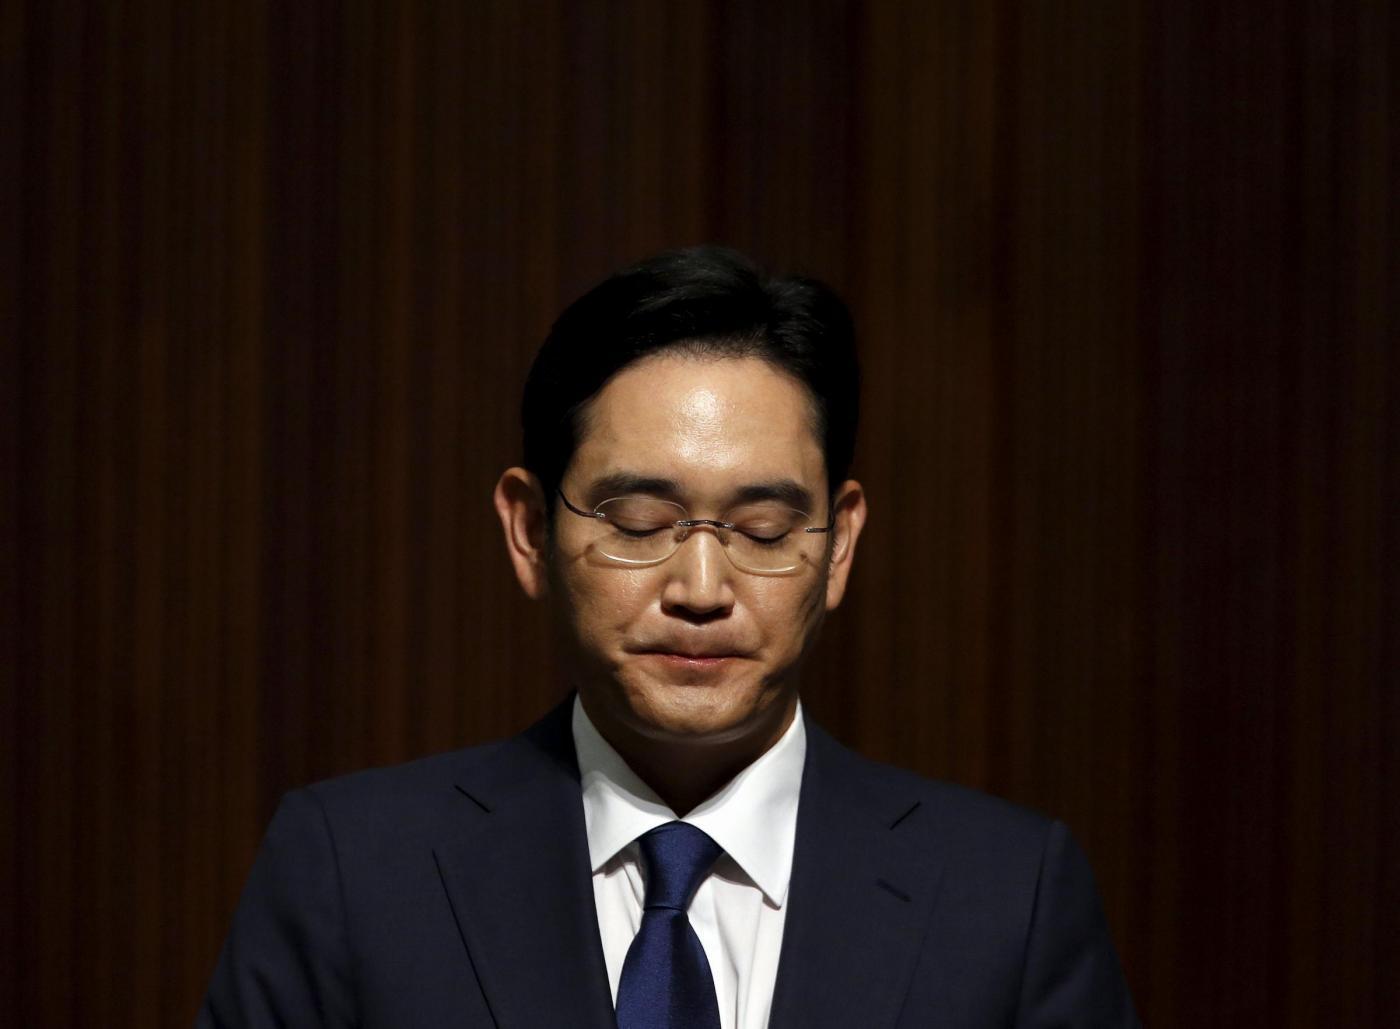 Samsung, tangenti in cambio di favori: arrestato il vicepresidente Lee Jae-yong in Sud Corea